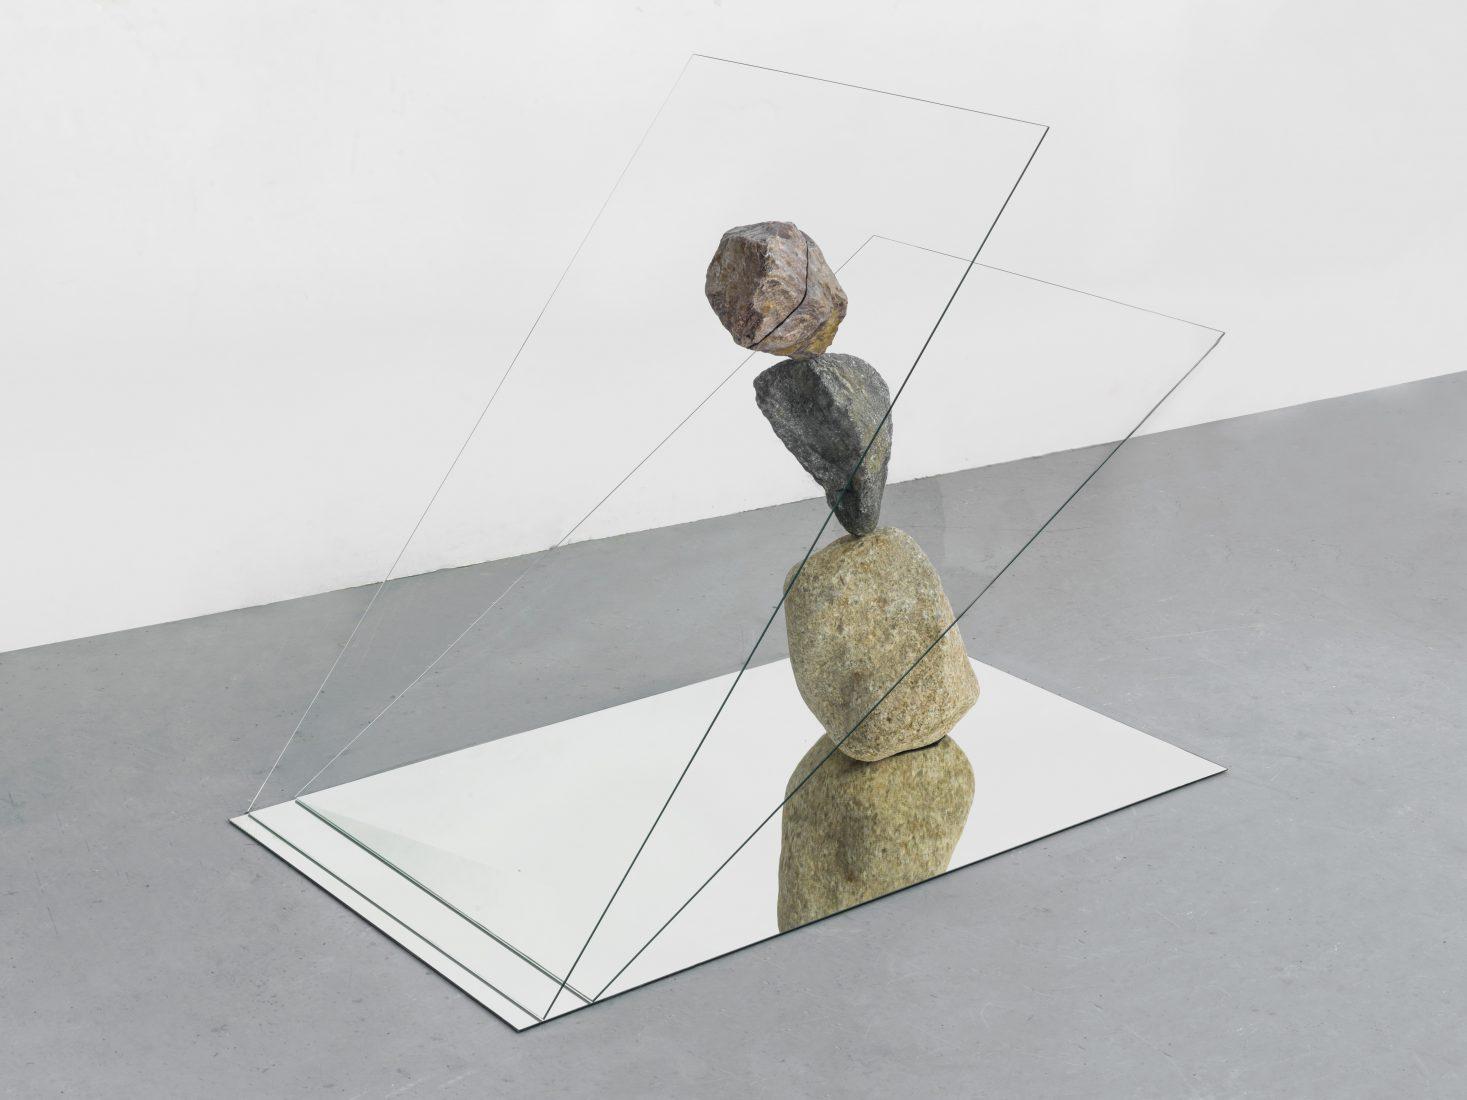 Alicja Kwade. Hemmungsloser Widerstand, 2018,found stones, glass, mirror,101 x 73 x 127 cm. Courtesy: König Galerie, Berlin